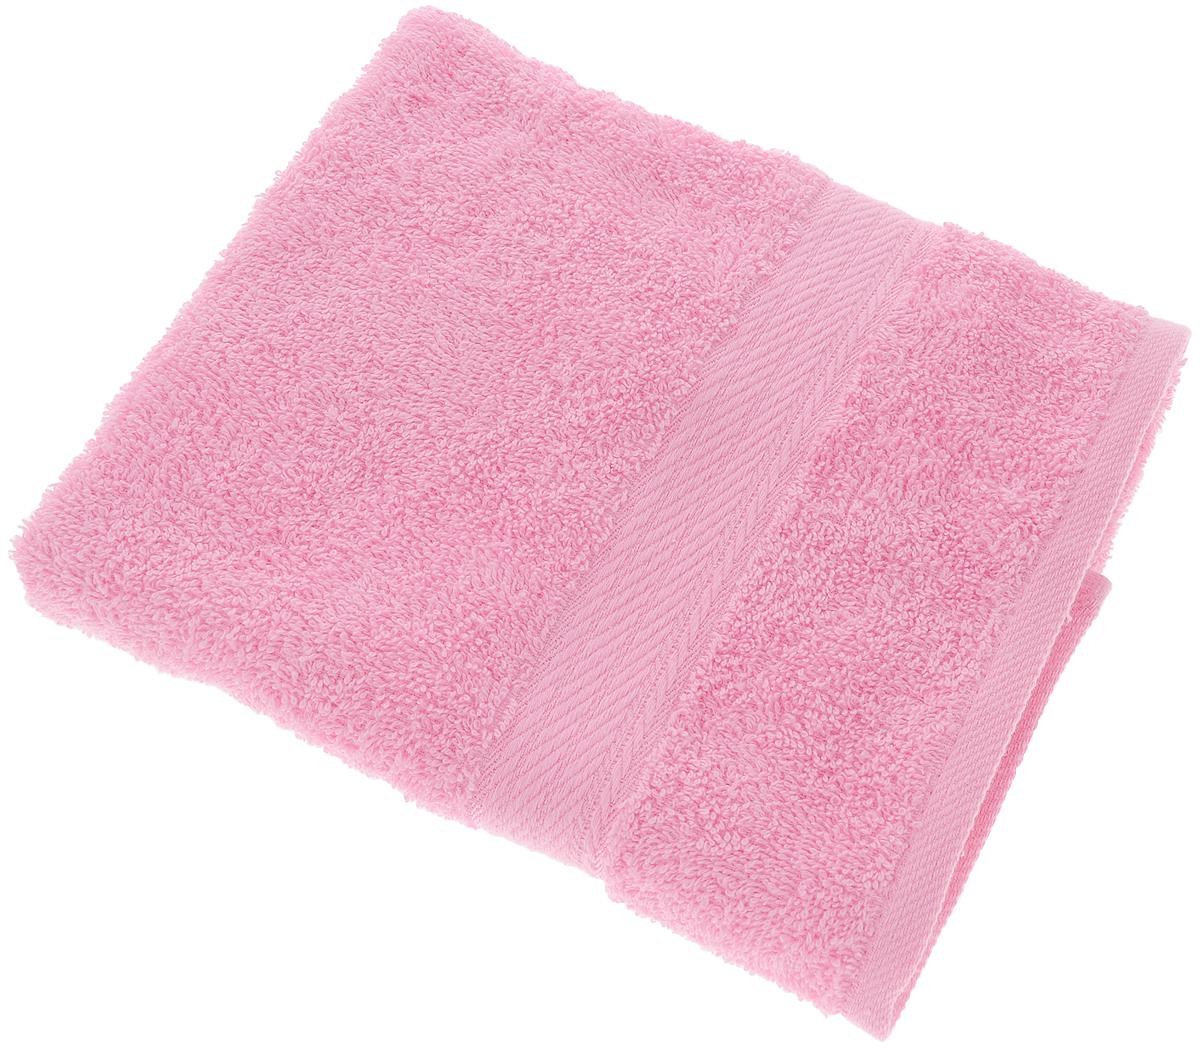 Полотенце Aisha Home Textile, цвет: розовый, 50 х 90 см68/5/3Махровые полотенца AISHA Home Textile идеальное сочетание цены и качества. Полотенца упакованы в стильную подарочную коробку. В состав входит только натуральное волокно - хлопок. Лаконичные бордюры подойдут для любого интерьера ванной комнаты. Полотенца прекрасно впитывает влагу и быстро сохнут. При соблюдении рекомендаций по уходу не линяют и не теряют форму даже после многократных стирок.Состав: 100% хлопок.